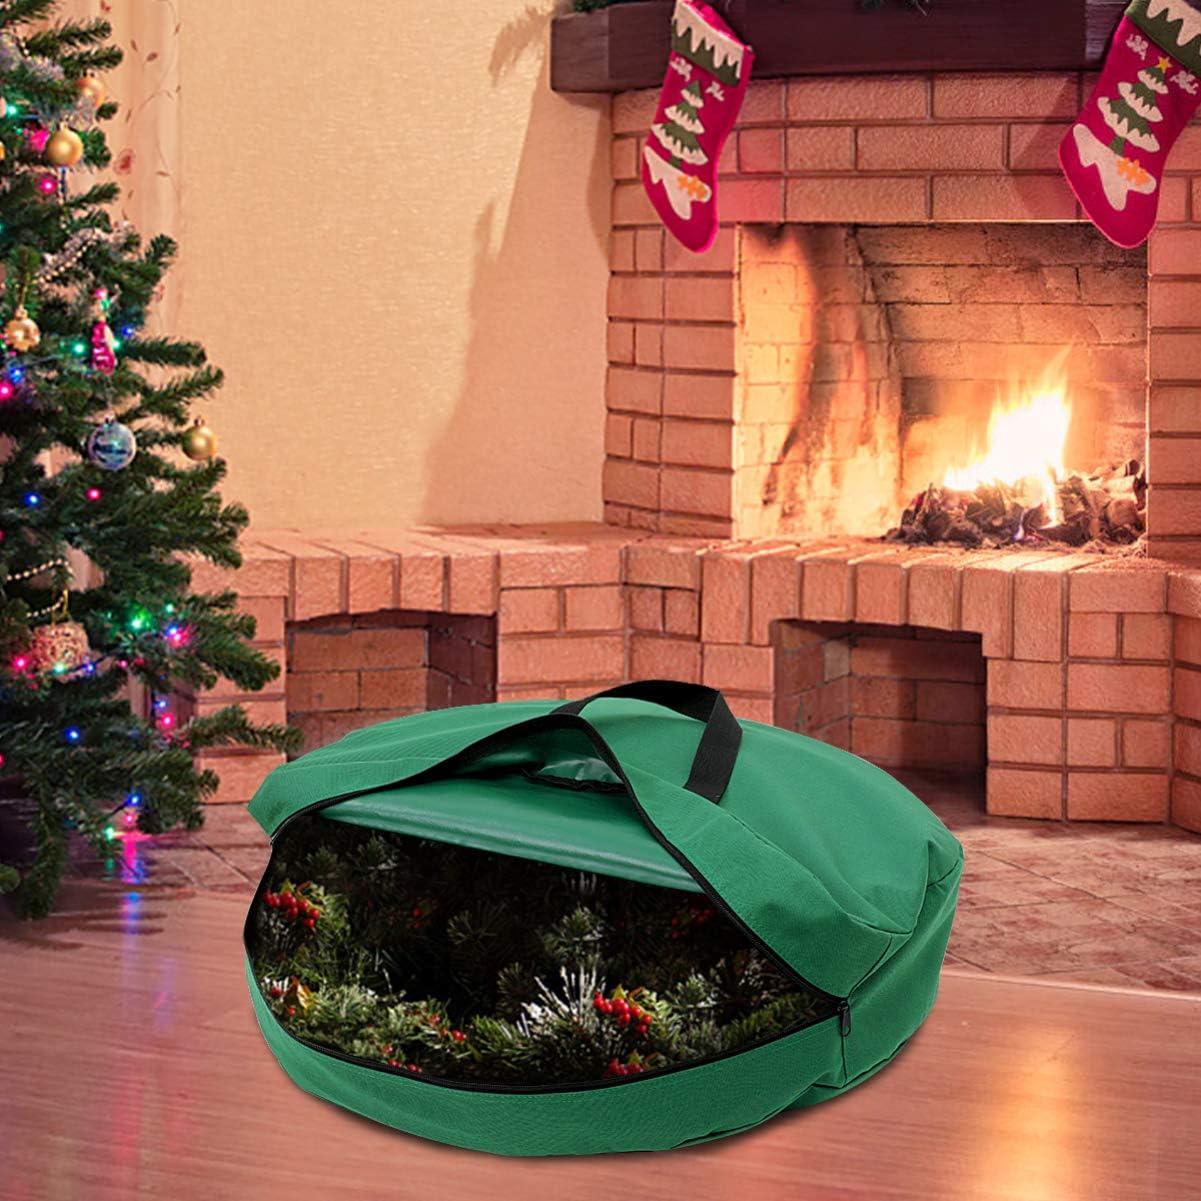 Decorazioni natalizie utilizzate per riporre alberi di Natale e decorazioni natalizie o altri oggetti o per andare in campeggio borse portatili impermeabili e resistenti allusura . 43 x 43 x 43 cm